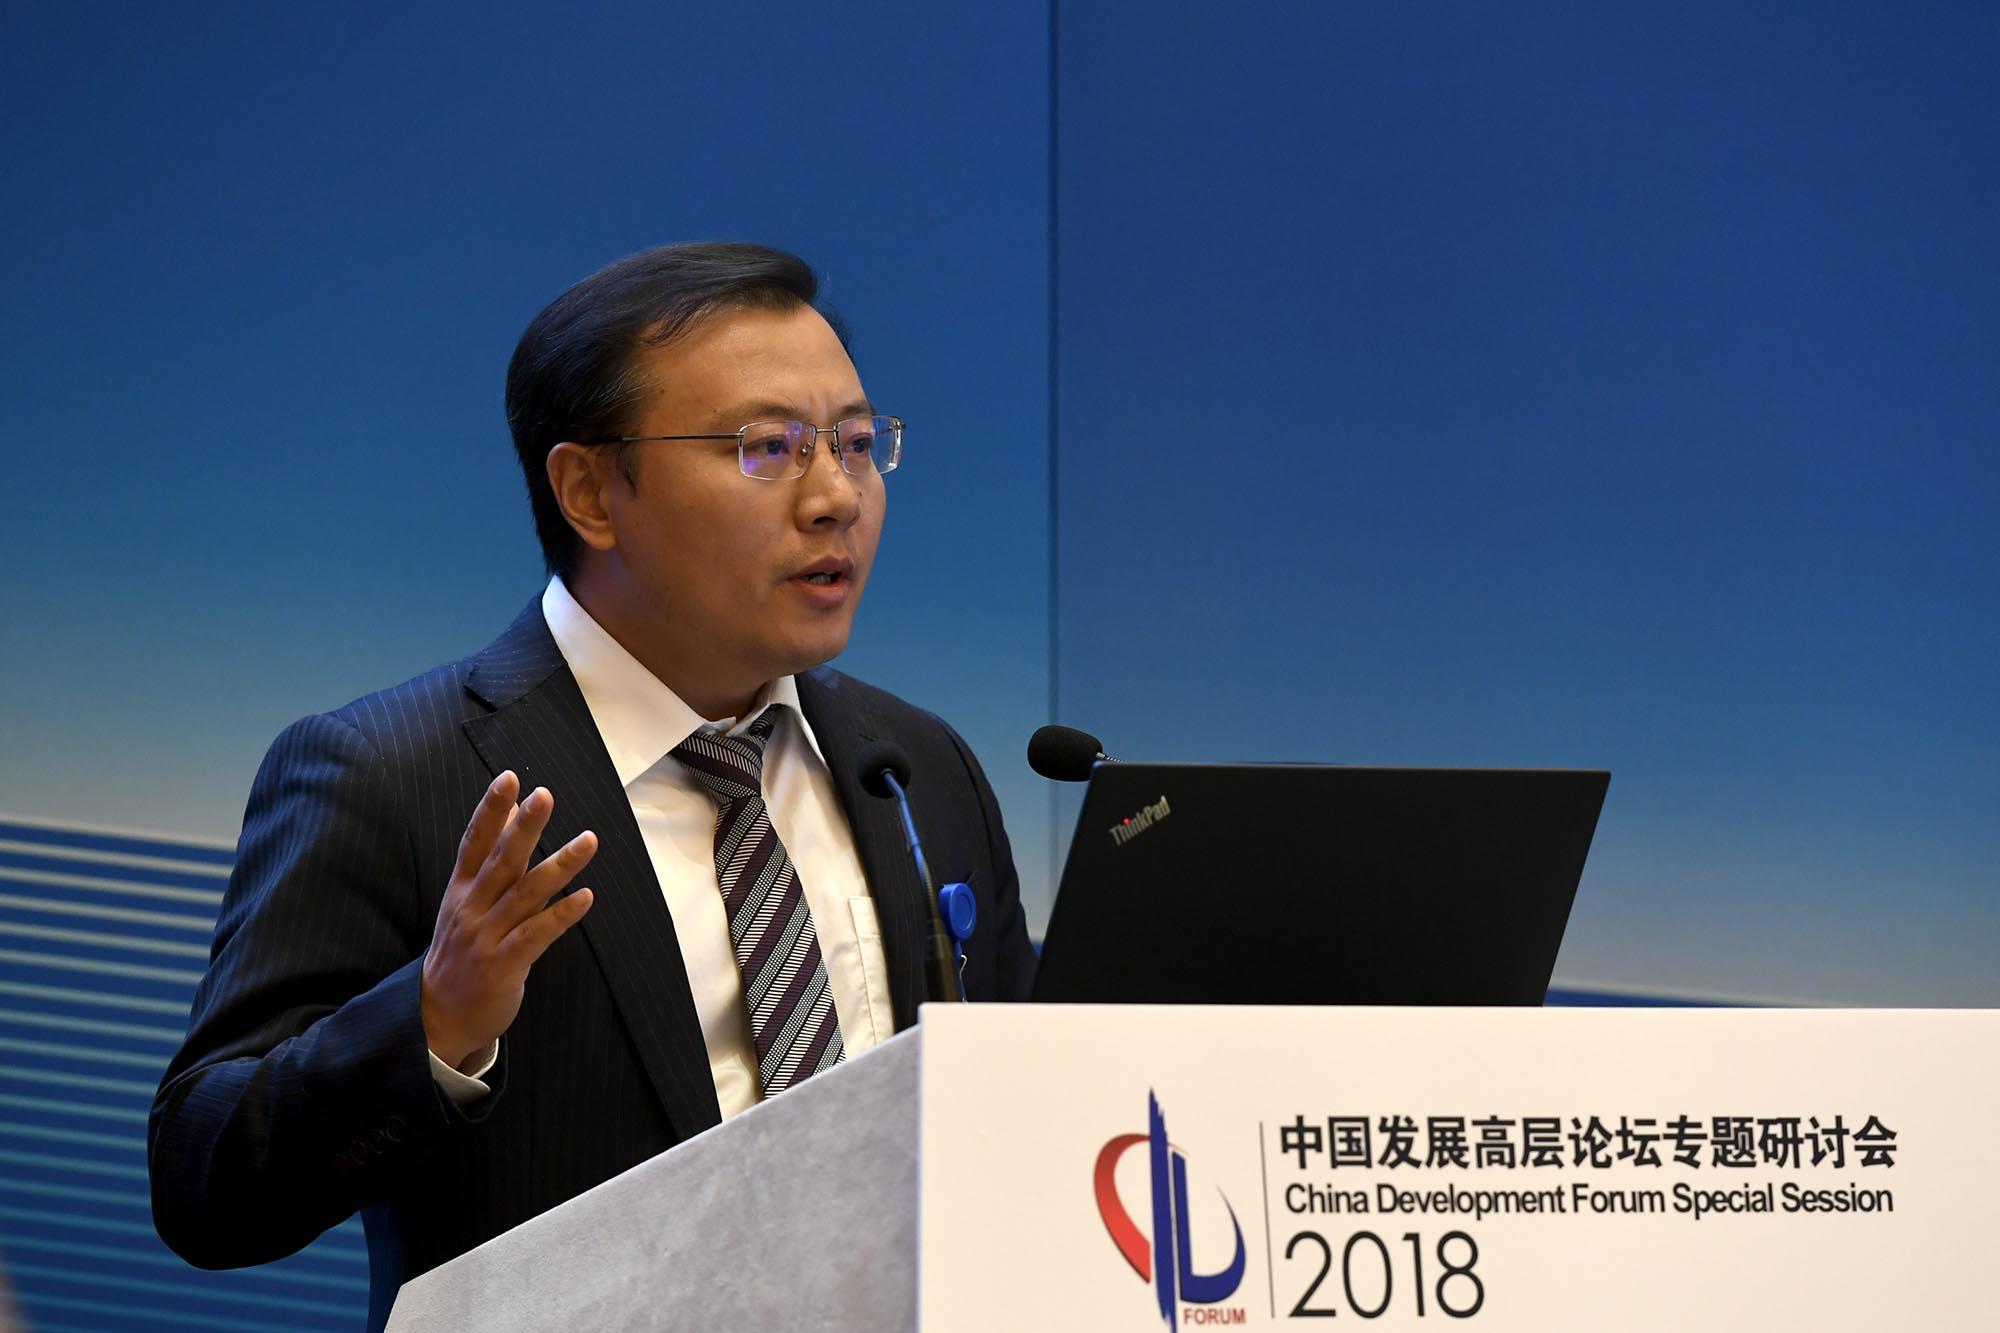 任泽平:建议未来放开部分能源基础行业限制